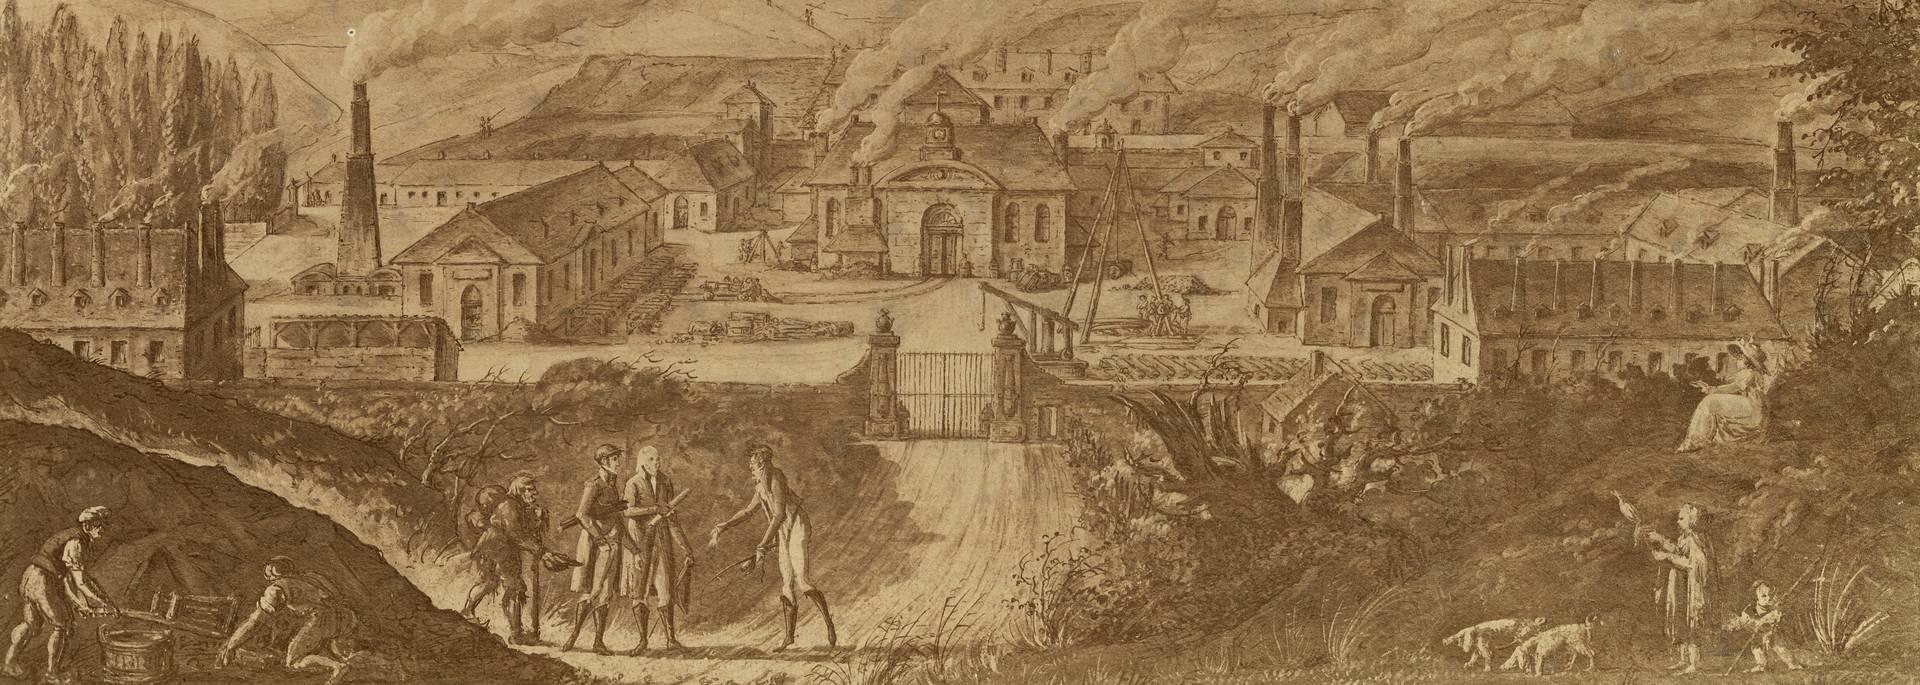 Vue du Creusot en 1806, au centre la Fonderie royale . © CUCM, document Écomusée, reproduction D. Busseuil.